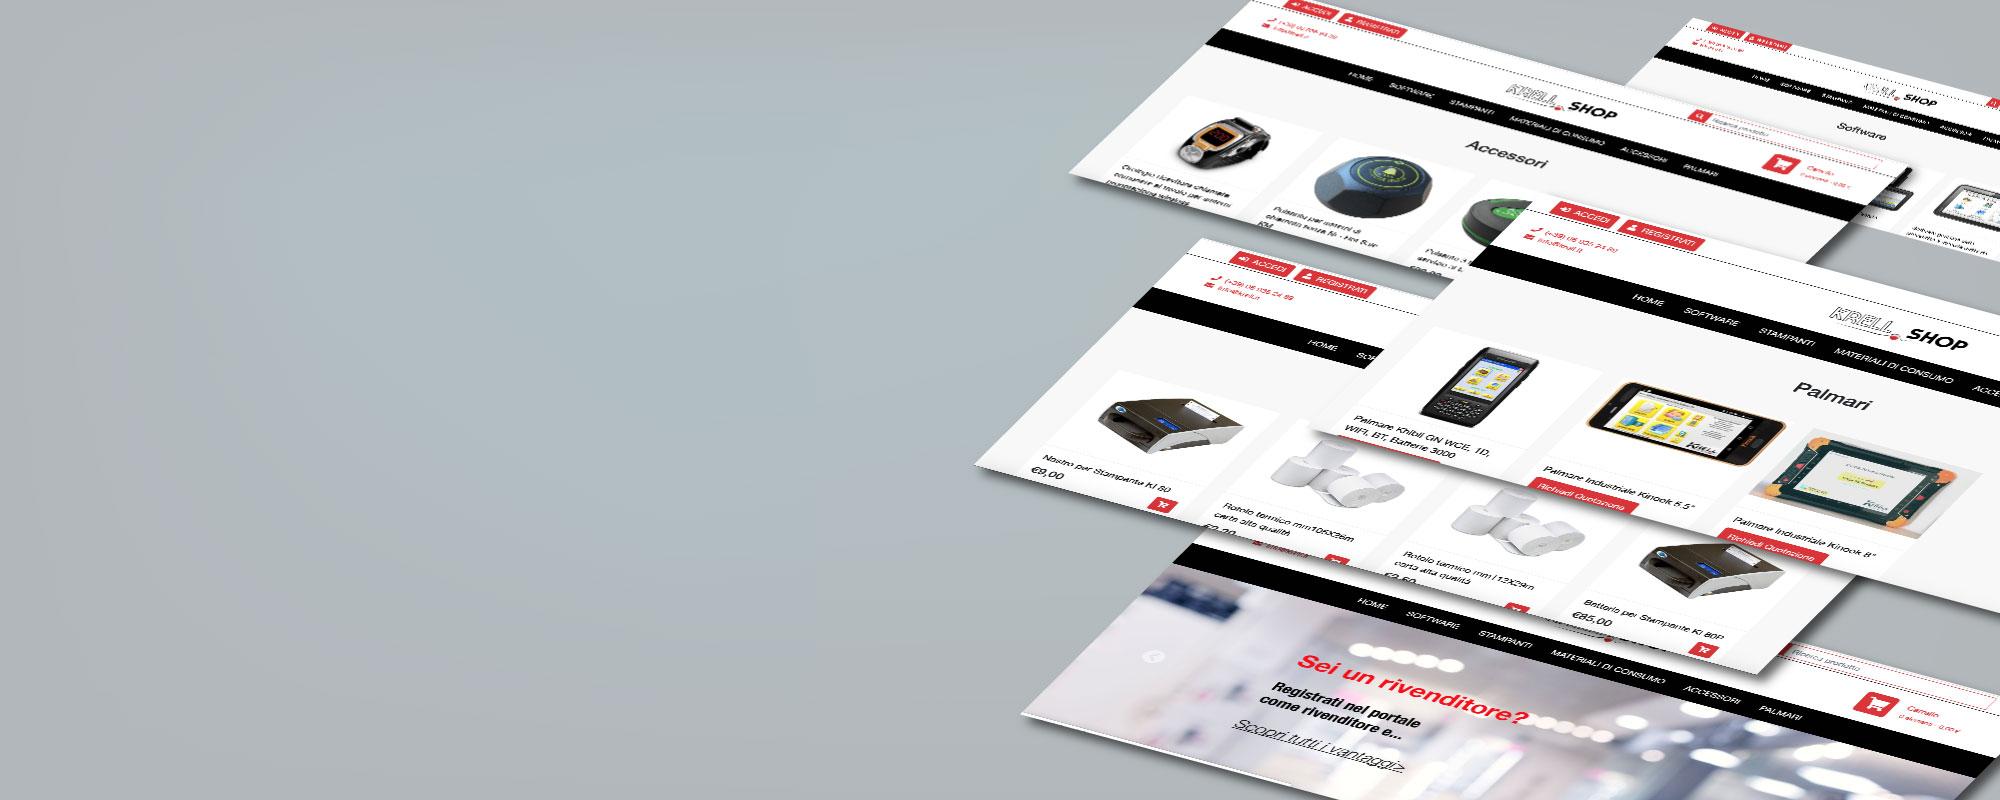 Nuovo ecommerce di Krell Informatica - fornitura elettronica, materiali conumabili, sistemi chiamata cameriere